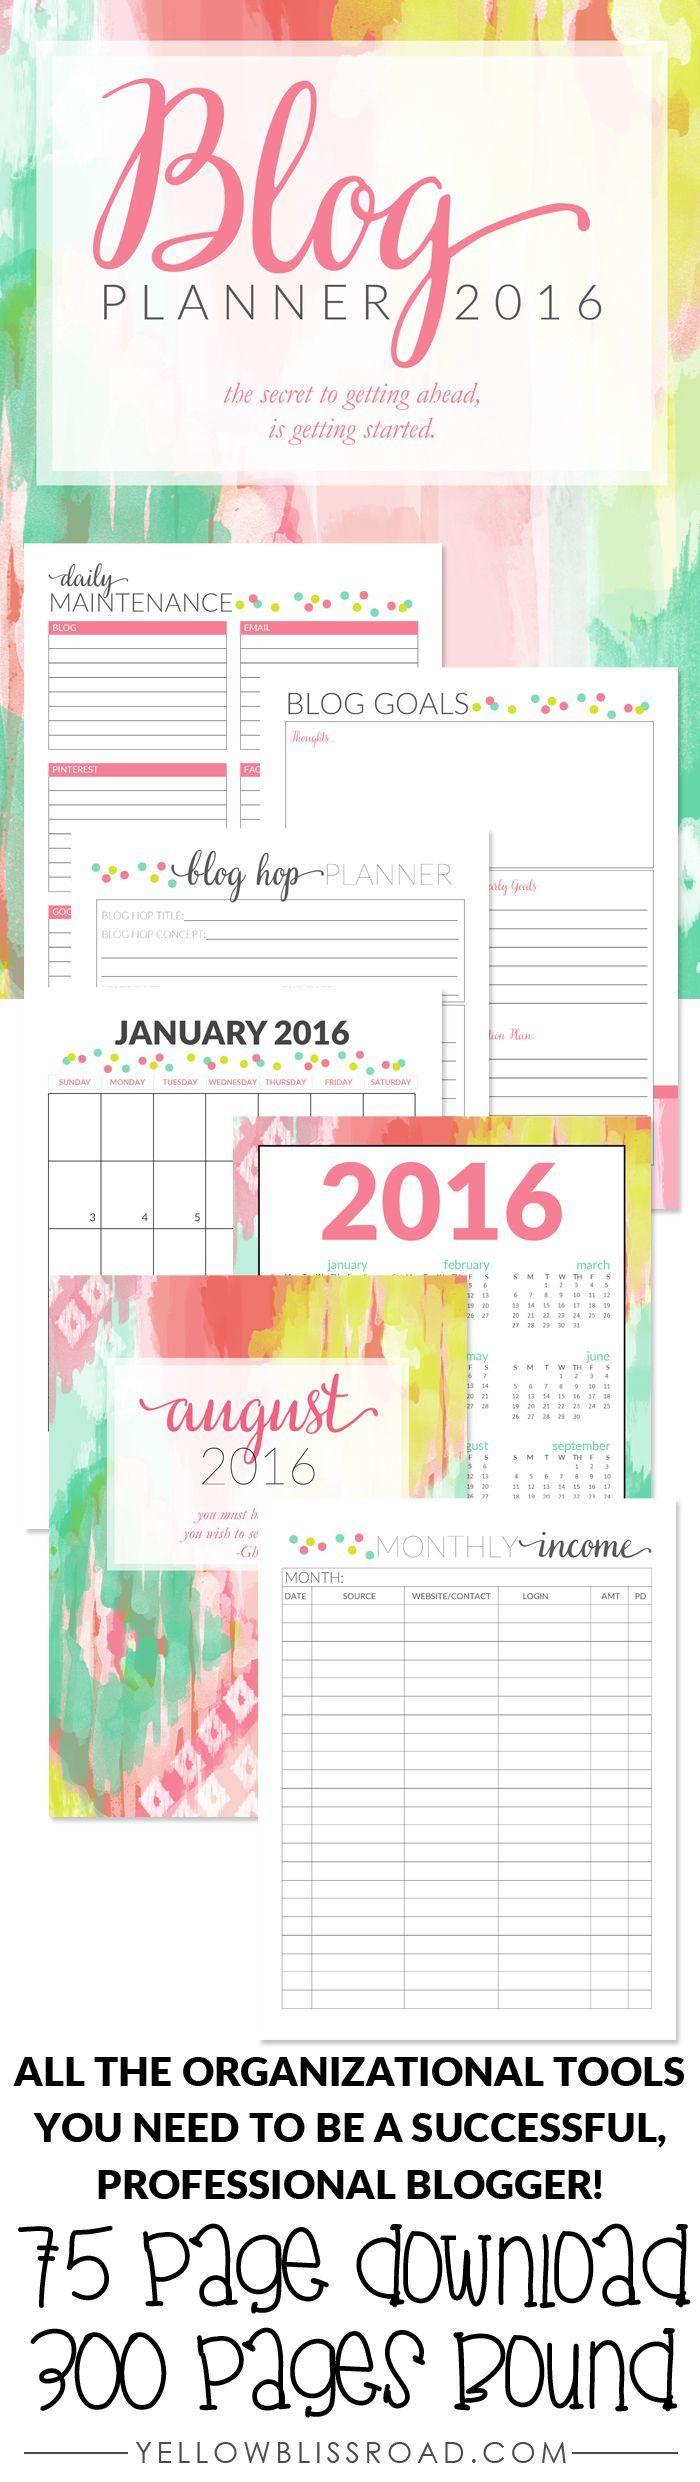 12 besten echa Bilder auf Pinterest | Druckvorlagen, Kalender und ...